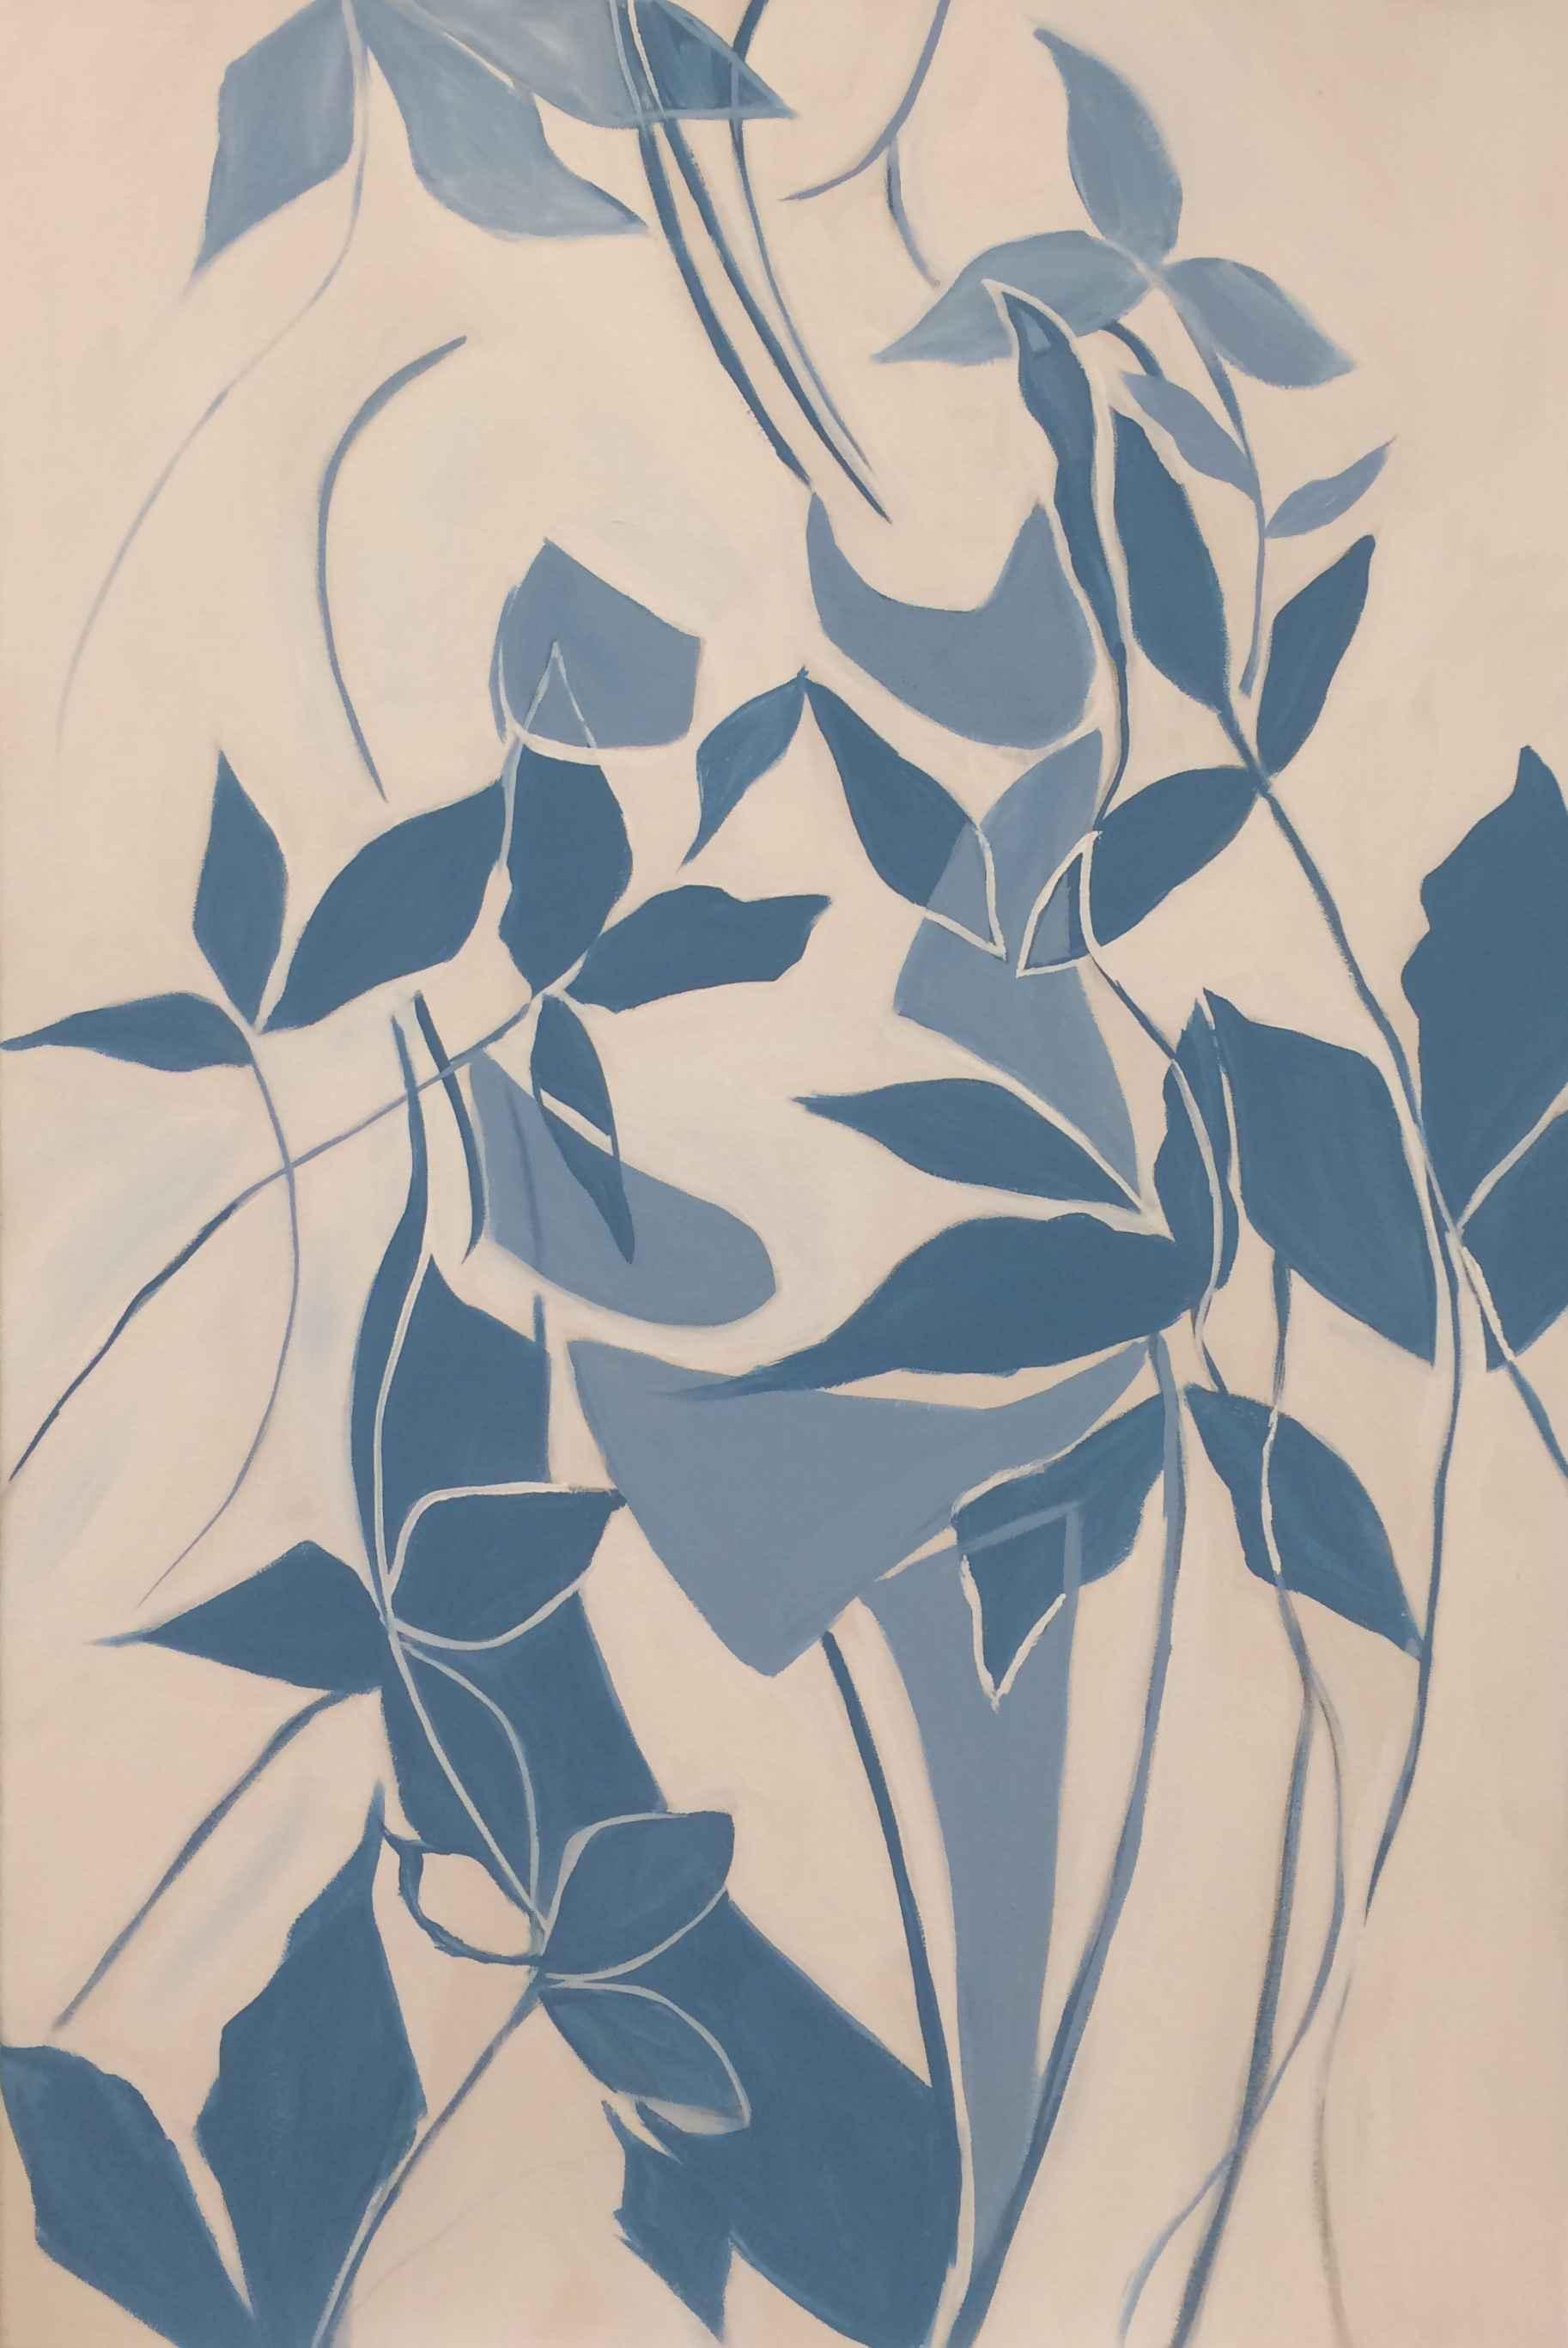 Woman in Blue by  Steve Lyons - Masterpiece Online